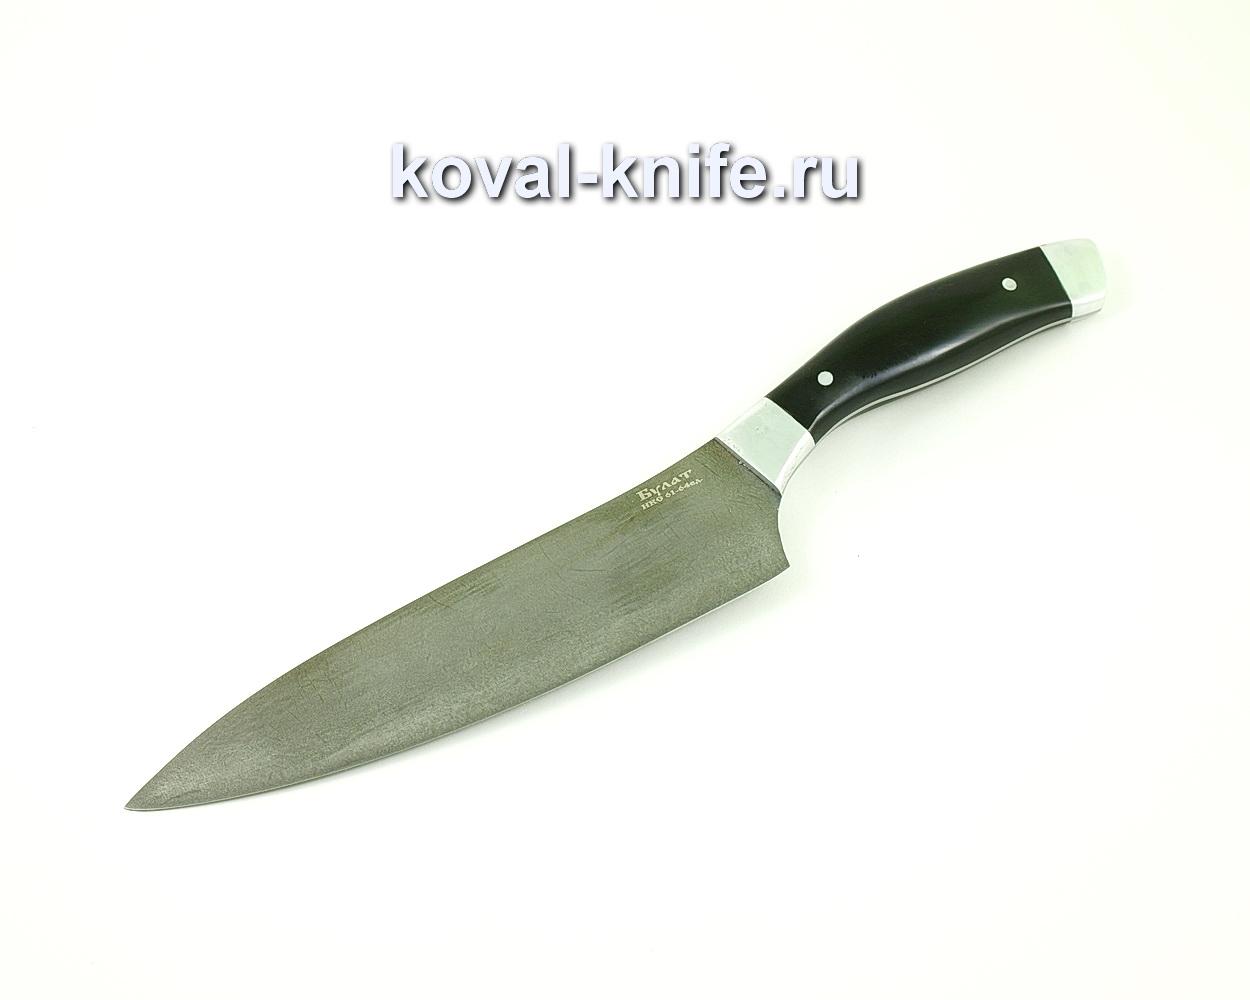 Нож из булатной стали Поварской большой (Легированный булат, рукоять эбонит) A454